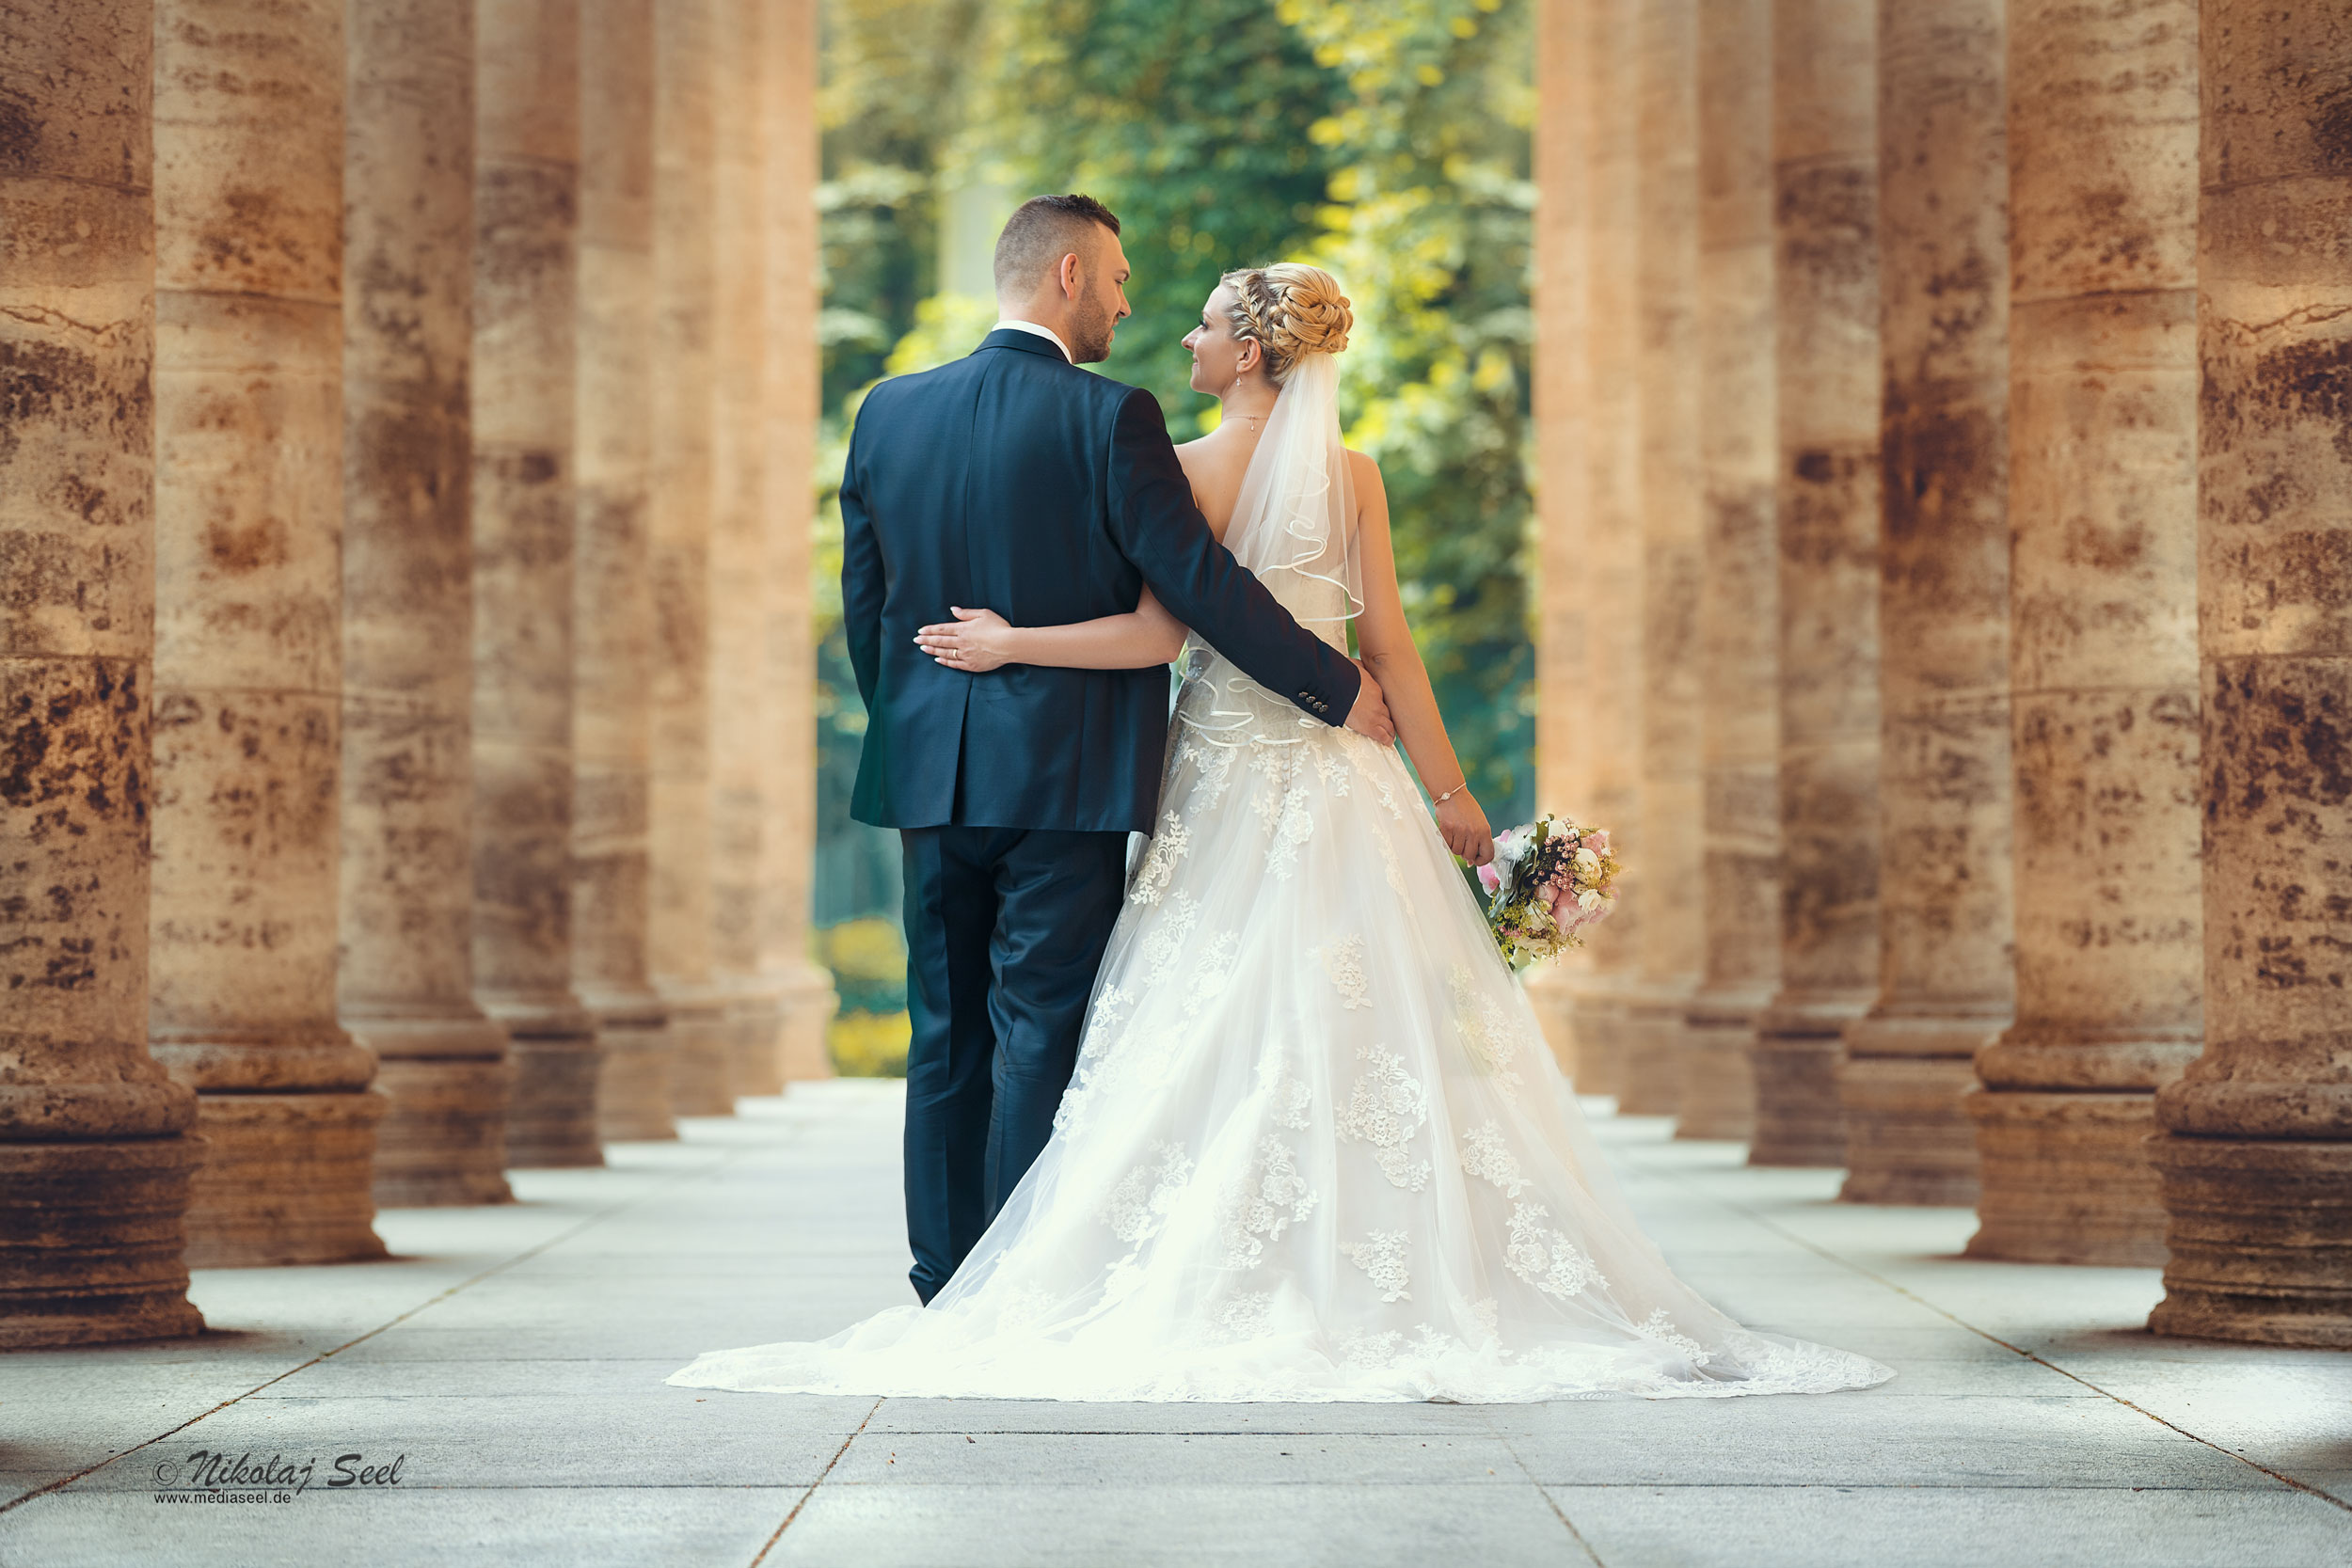 Hochzeit Im Blick Anspruchsvolle Hochzeitsfotografie Video Mehr